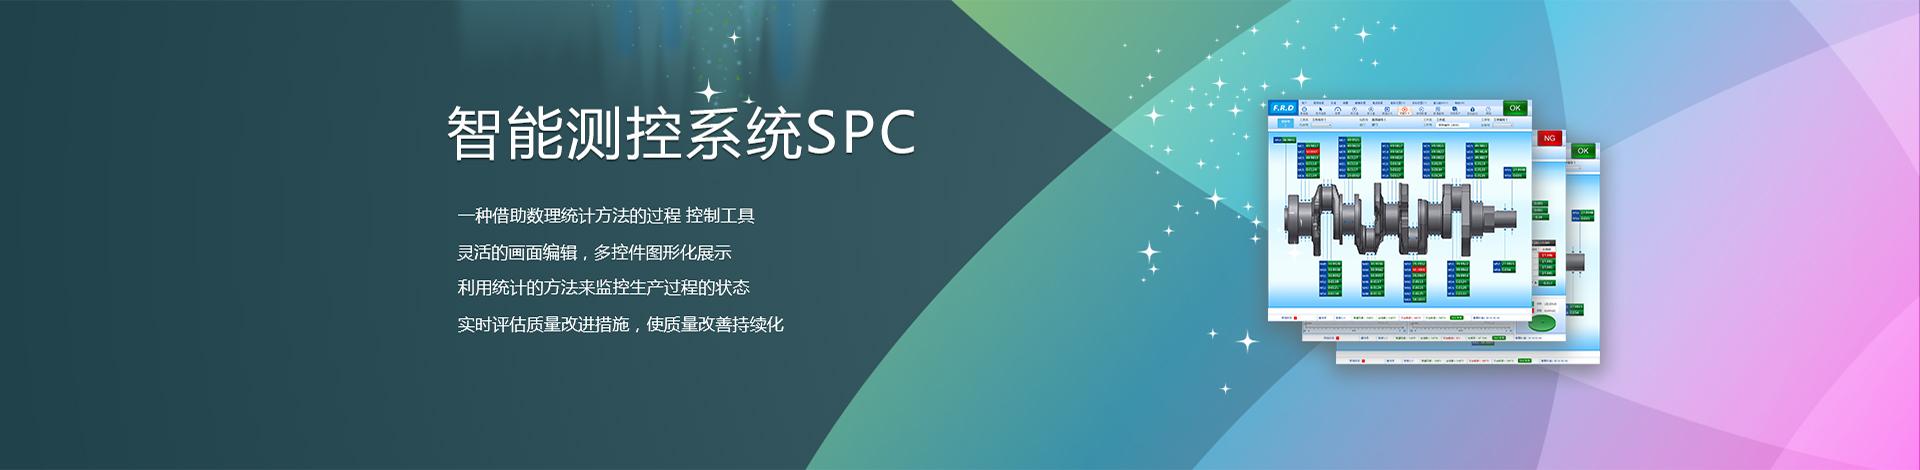 智能测控系统SPC